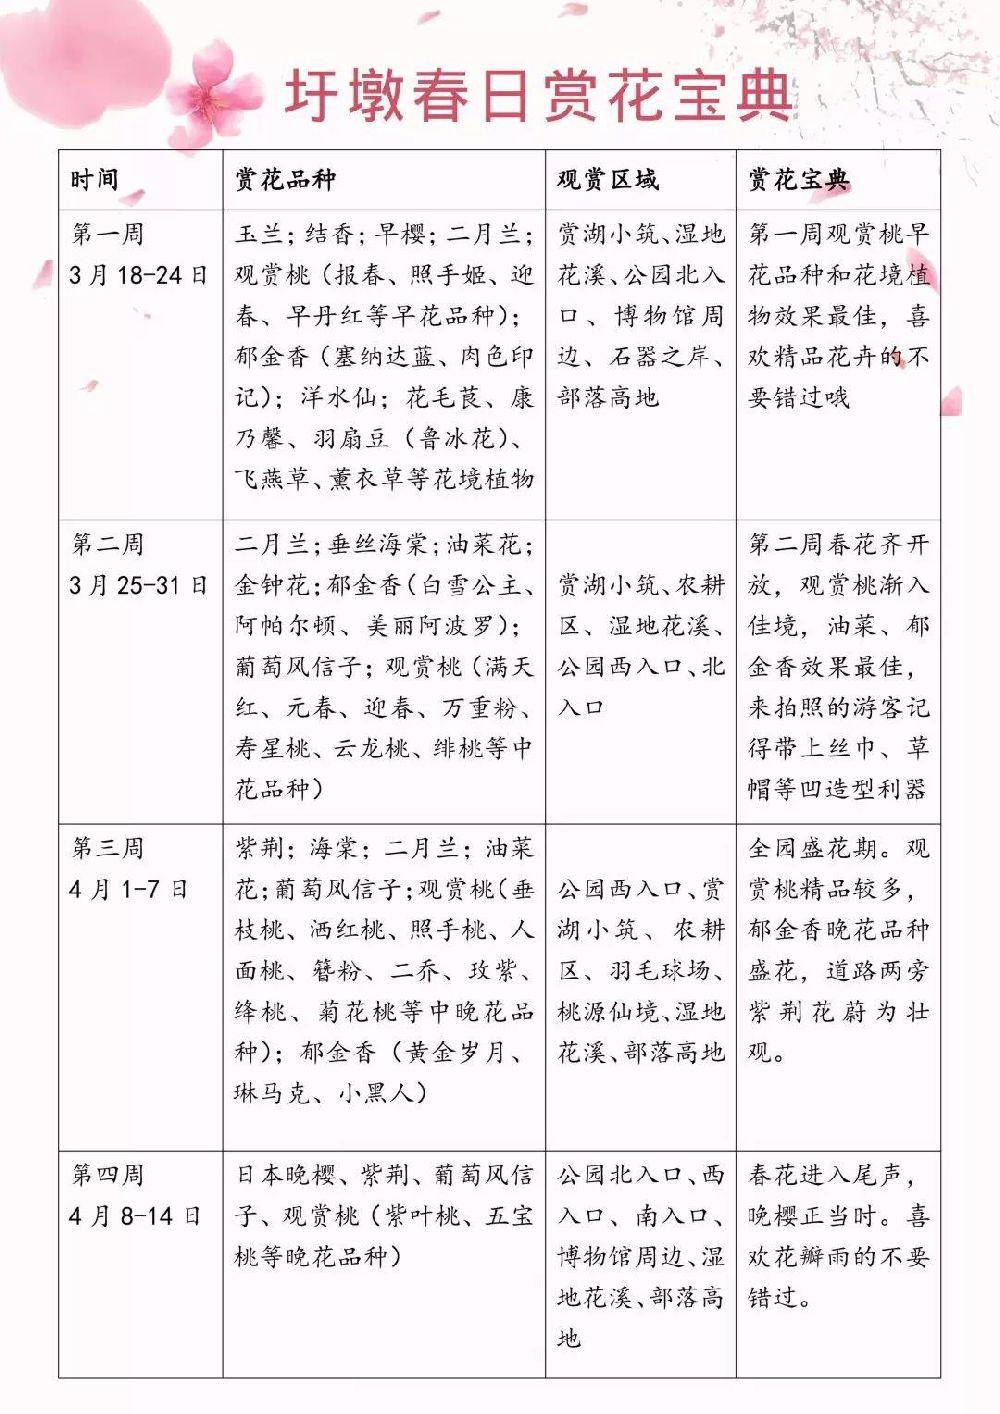 2019年常州圩墩文化节暨桃花花会(时间+地点+活动)